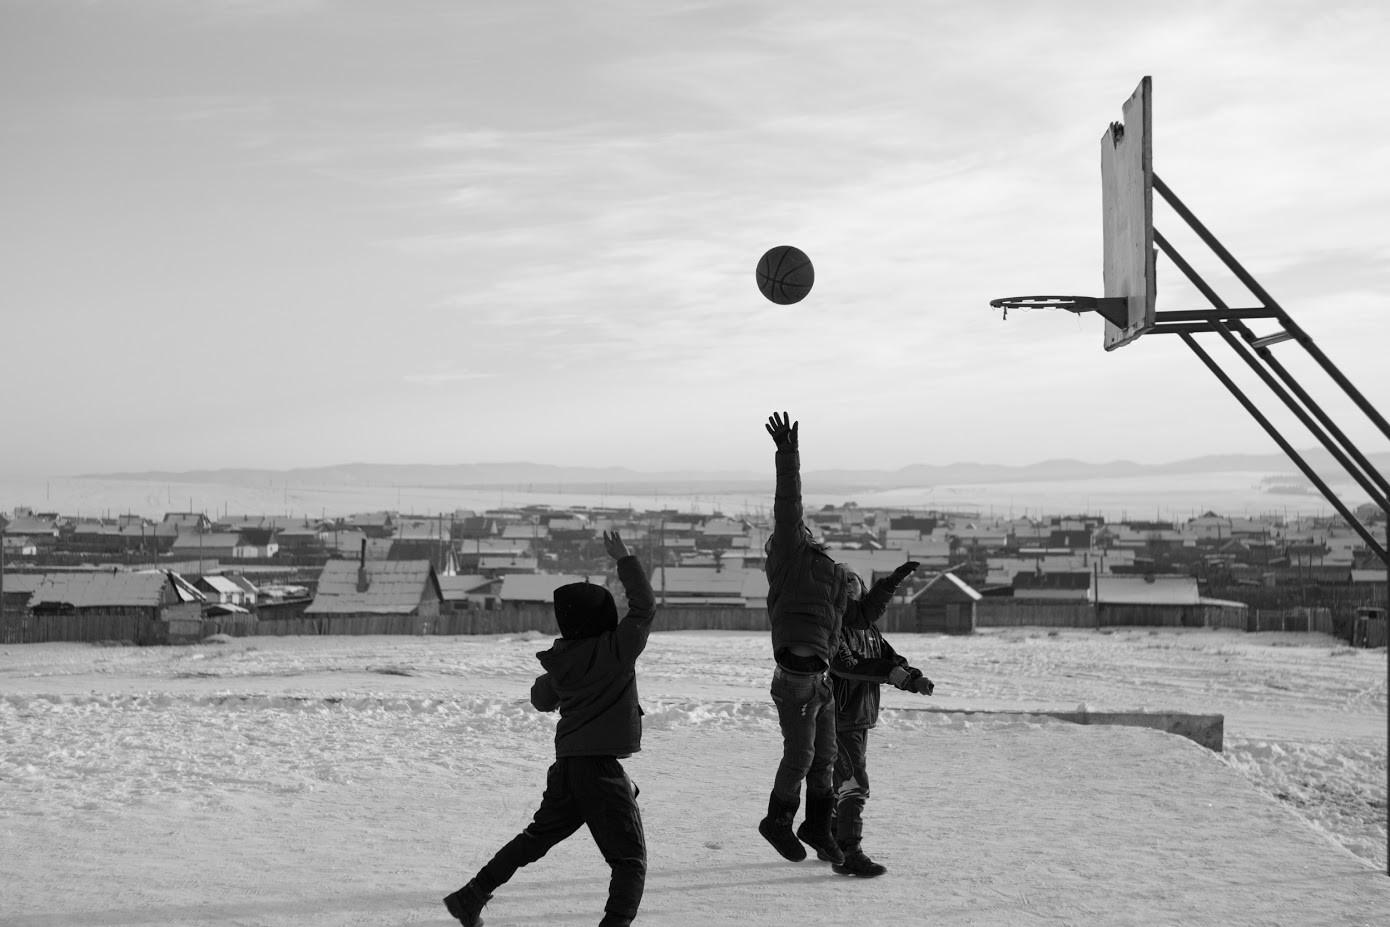 Vasica na rusko mongolski meji. Otroci igrajo košarko na - 30 stopinjah Celzija.